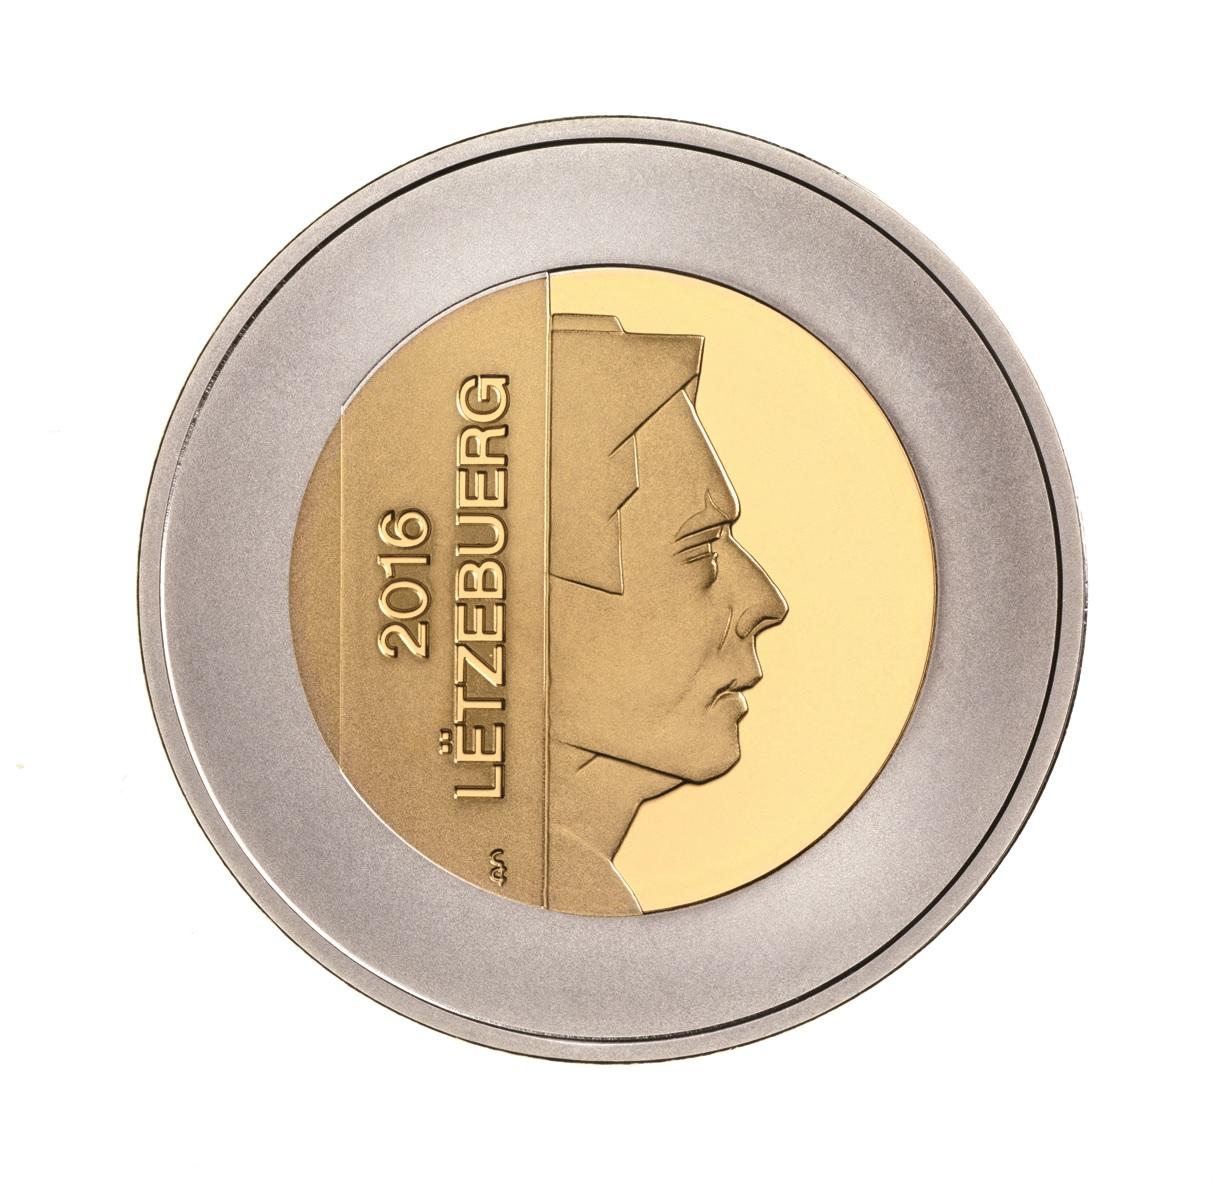 Münzen Zu Jedem Anlass Geschenktipps Primus Münzen Blog